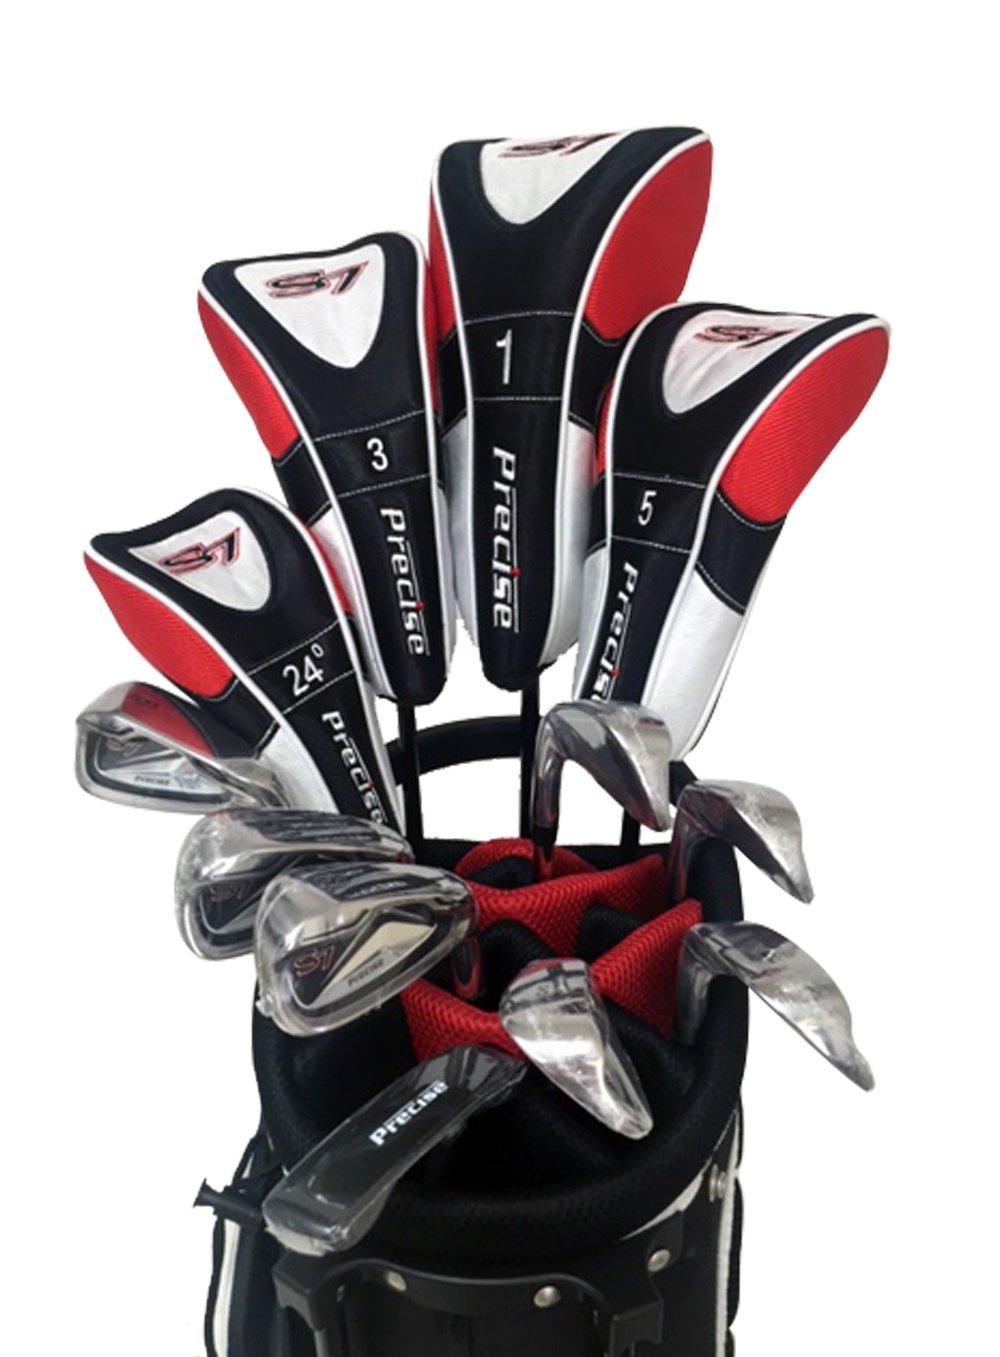 s7メンズLimited Edition Red Completeフルゴルフクラブセット(右手) ;ドライバ、# 3 & 5木製砂、ハイブリッド、# 5PWアイアン、ウェッジ、パター、デラックススタンドバッグ、一致する4ヘッドカバー。 B01I2BRH2C